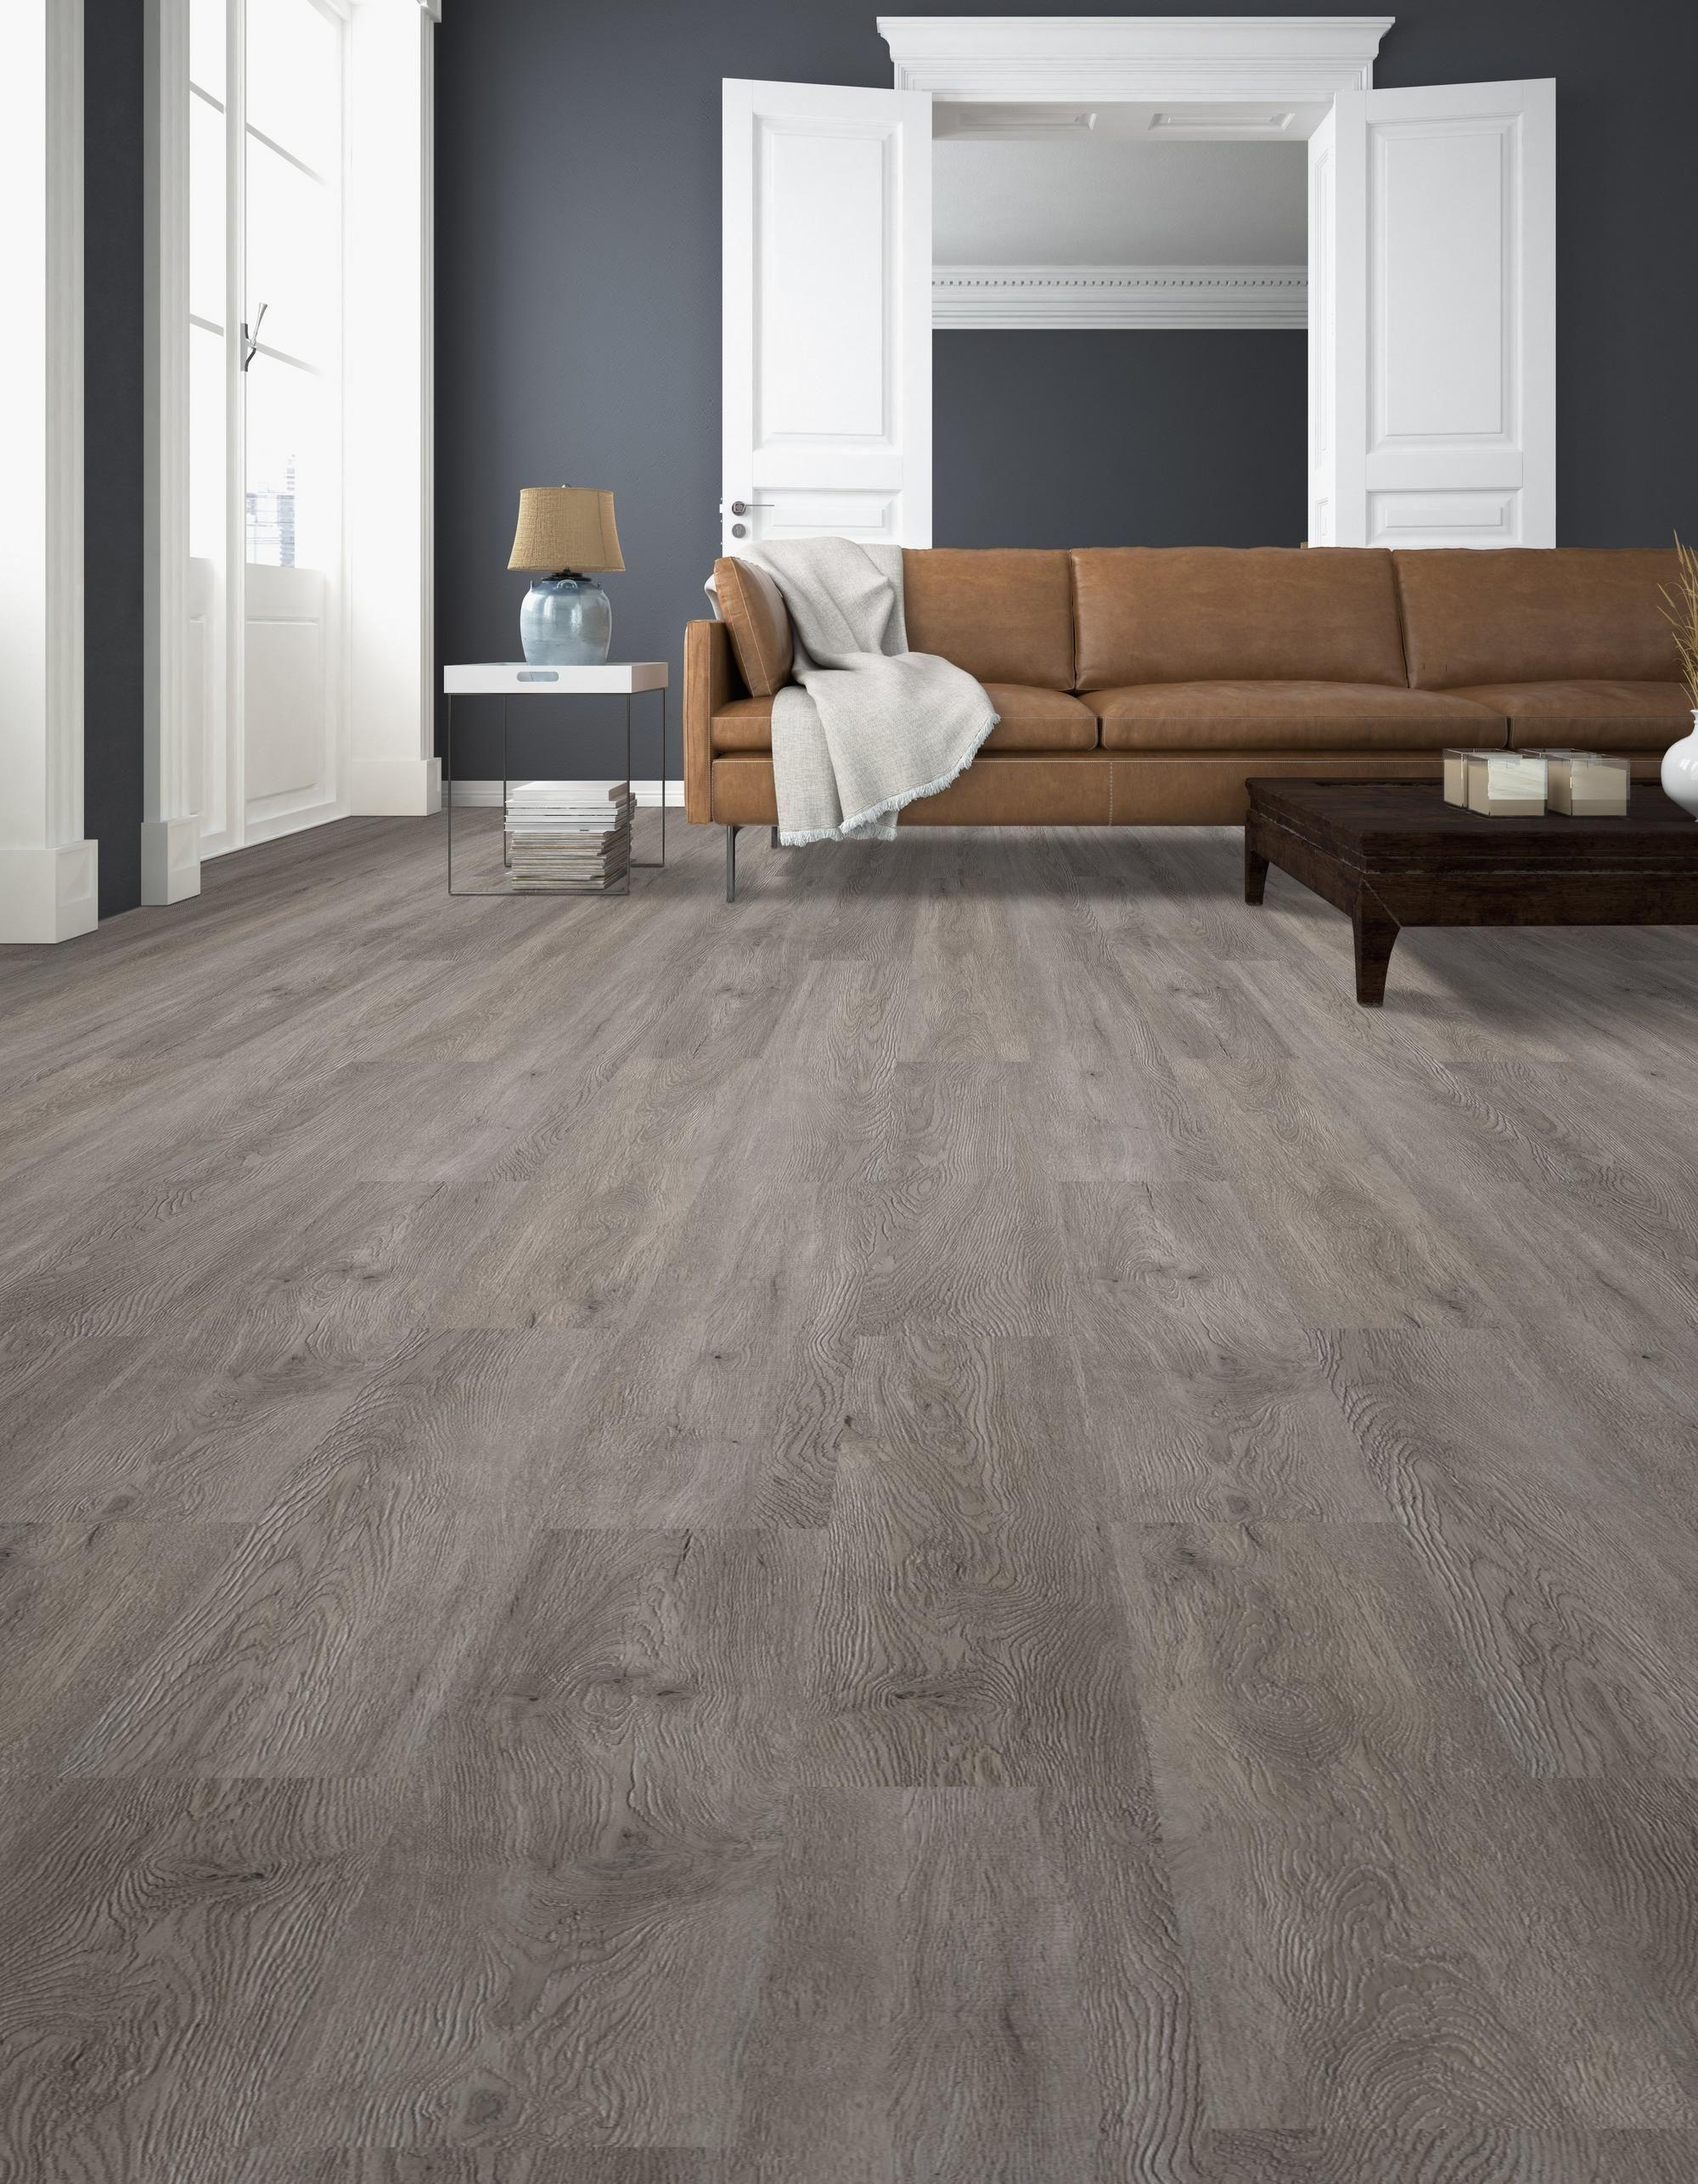 Light Floor With Golden Oak Update Pictures Luxury Vinyl Flooring Vinyl Flooring House Flooring